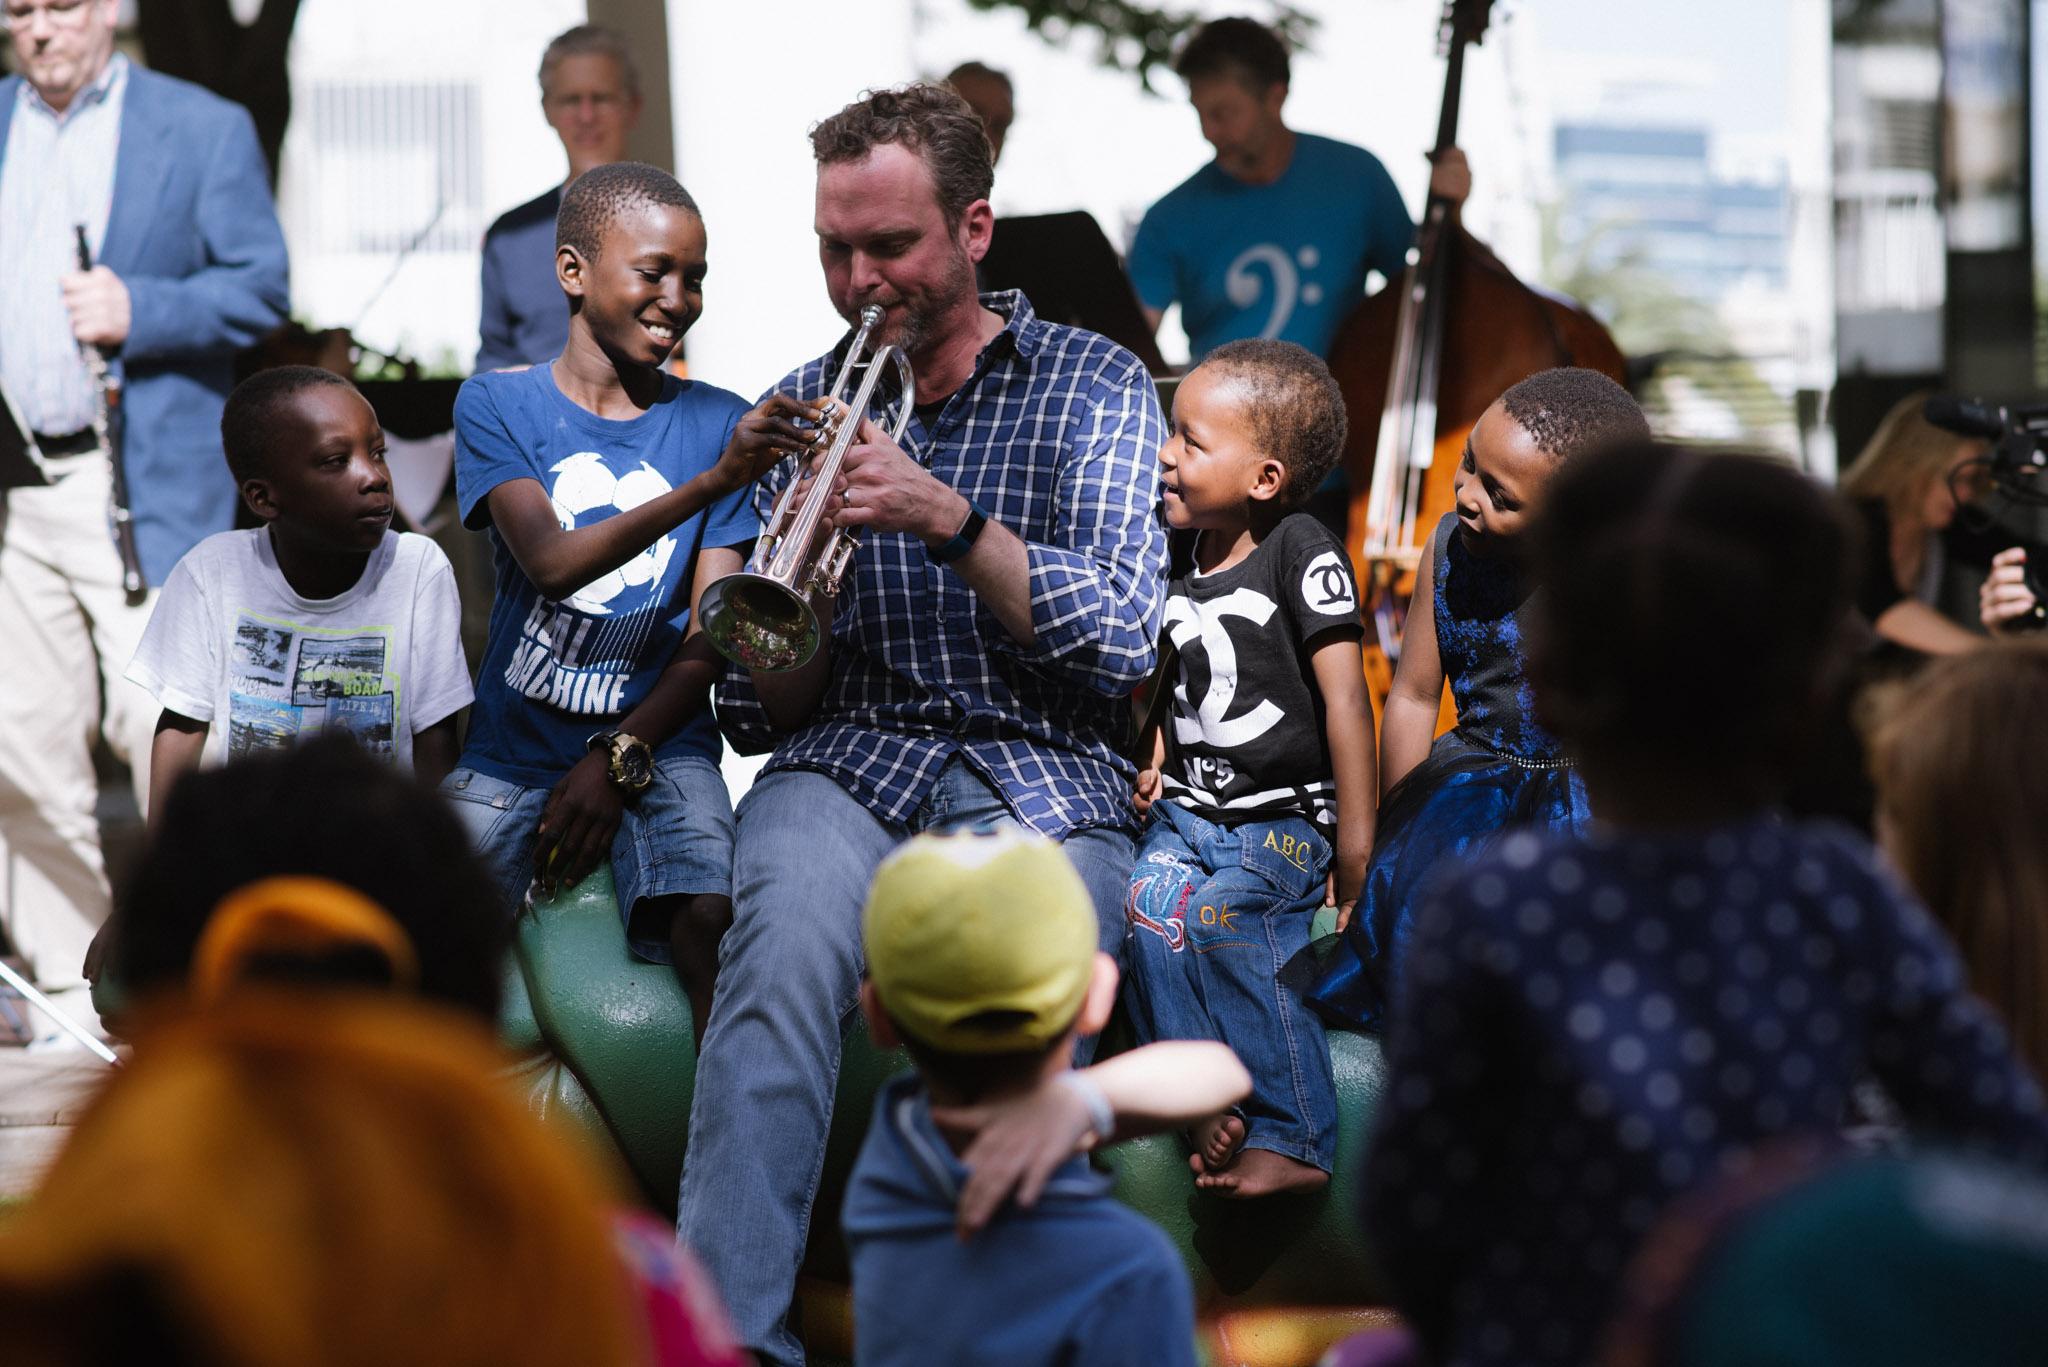 """ילדי """"הצל ליבו של ילד"""" ונגני הסימפונית של טורנטו, בבית הצל ליבו של ילד בחולון. צילום: יחצ הצל ליבו של ילד"""